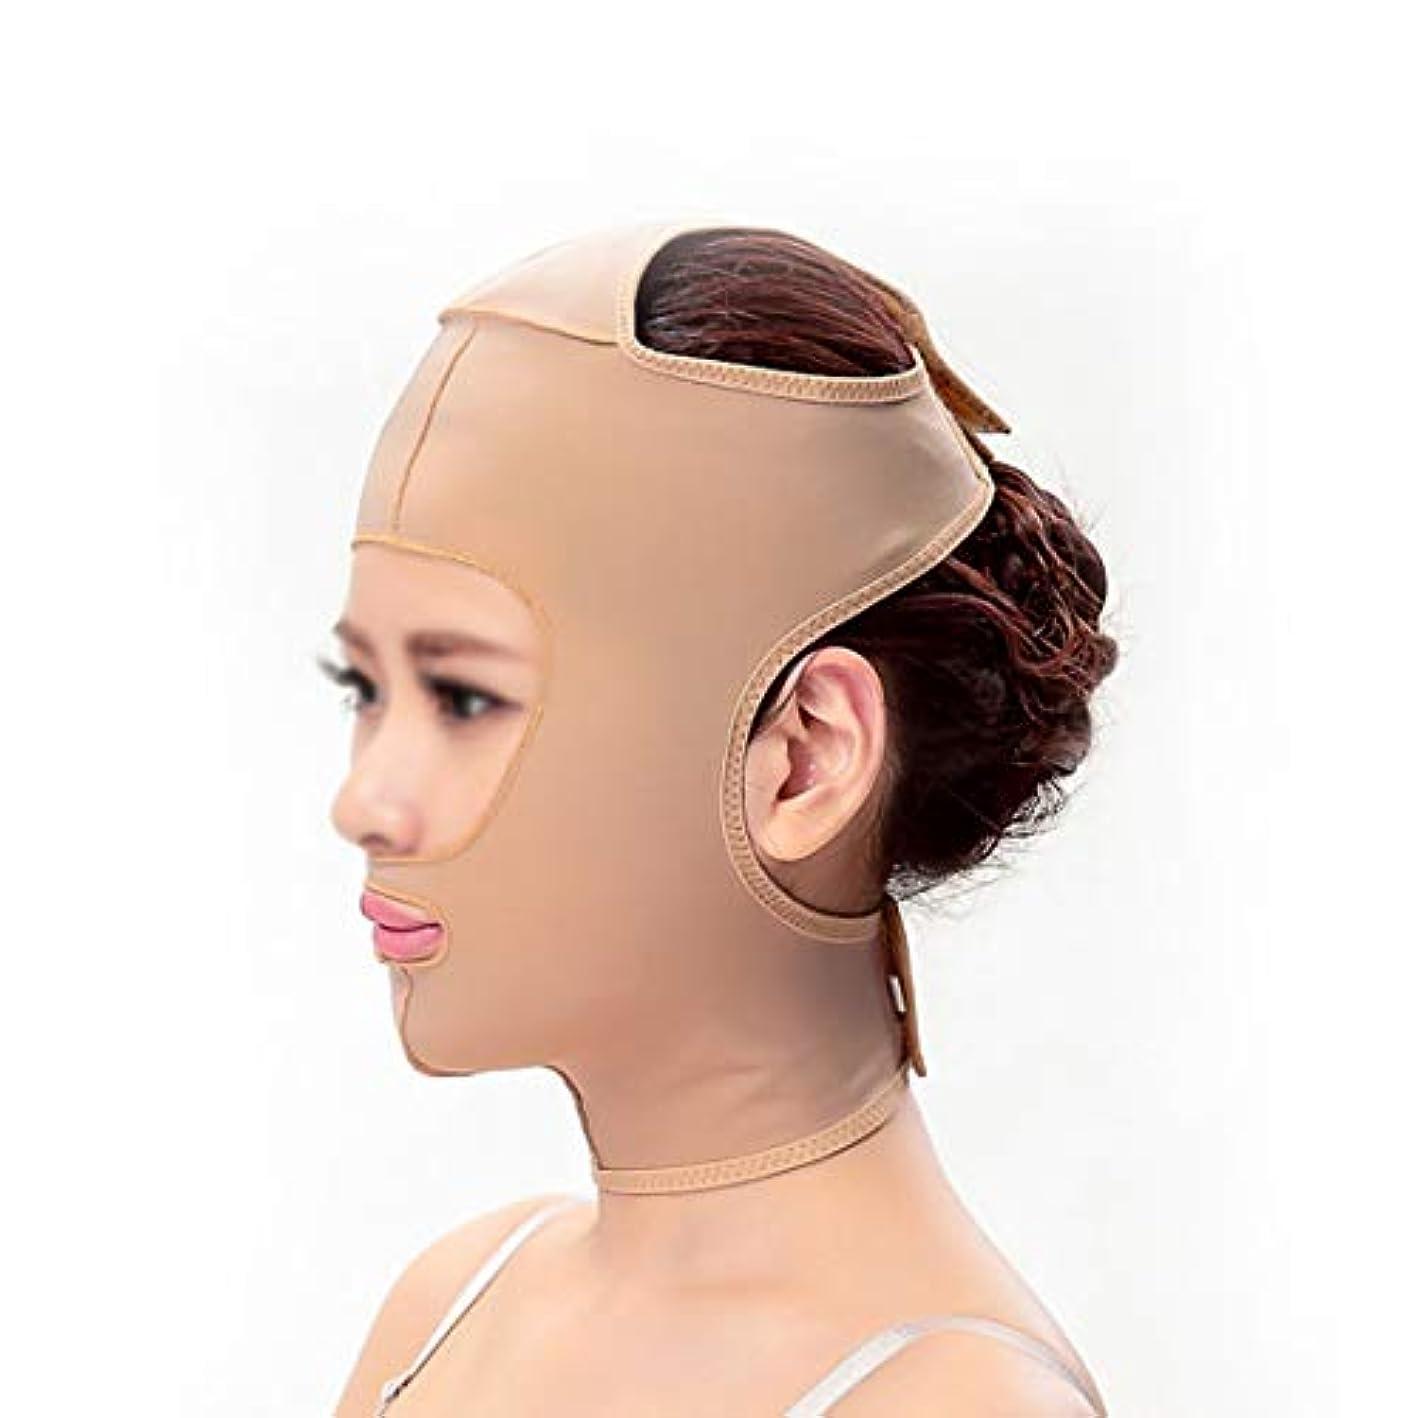 無許可彼らグレーGLJJQMY 減量ベルトマスクフェイスマスク神聖なパターンリフト二重あご引き締め顔面プラスチック顔面アーティファクト強力な顔面包帯 顔用整形マスク (Size : M)